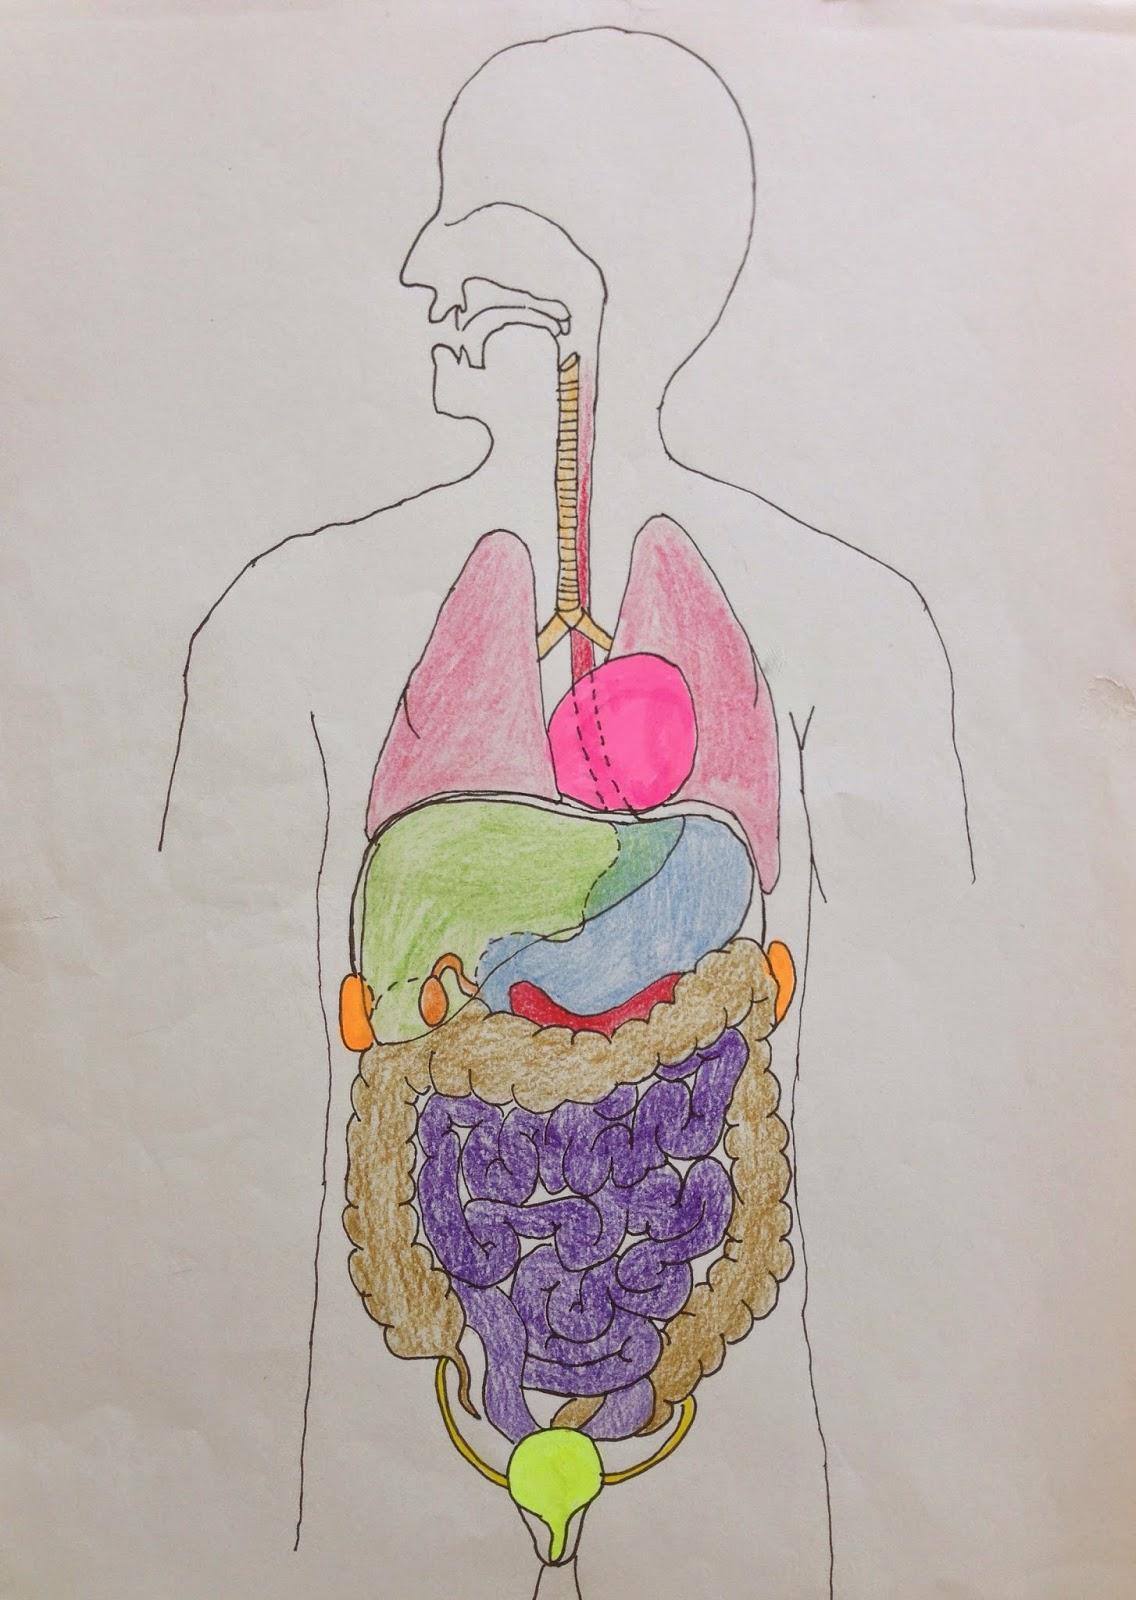 Makroskopische Darstellung der Verdauungsorgane eines Hasen | Biologie